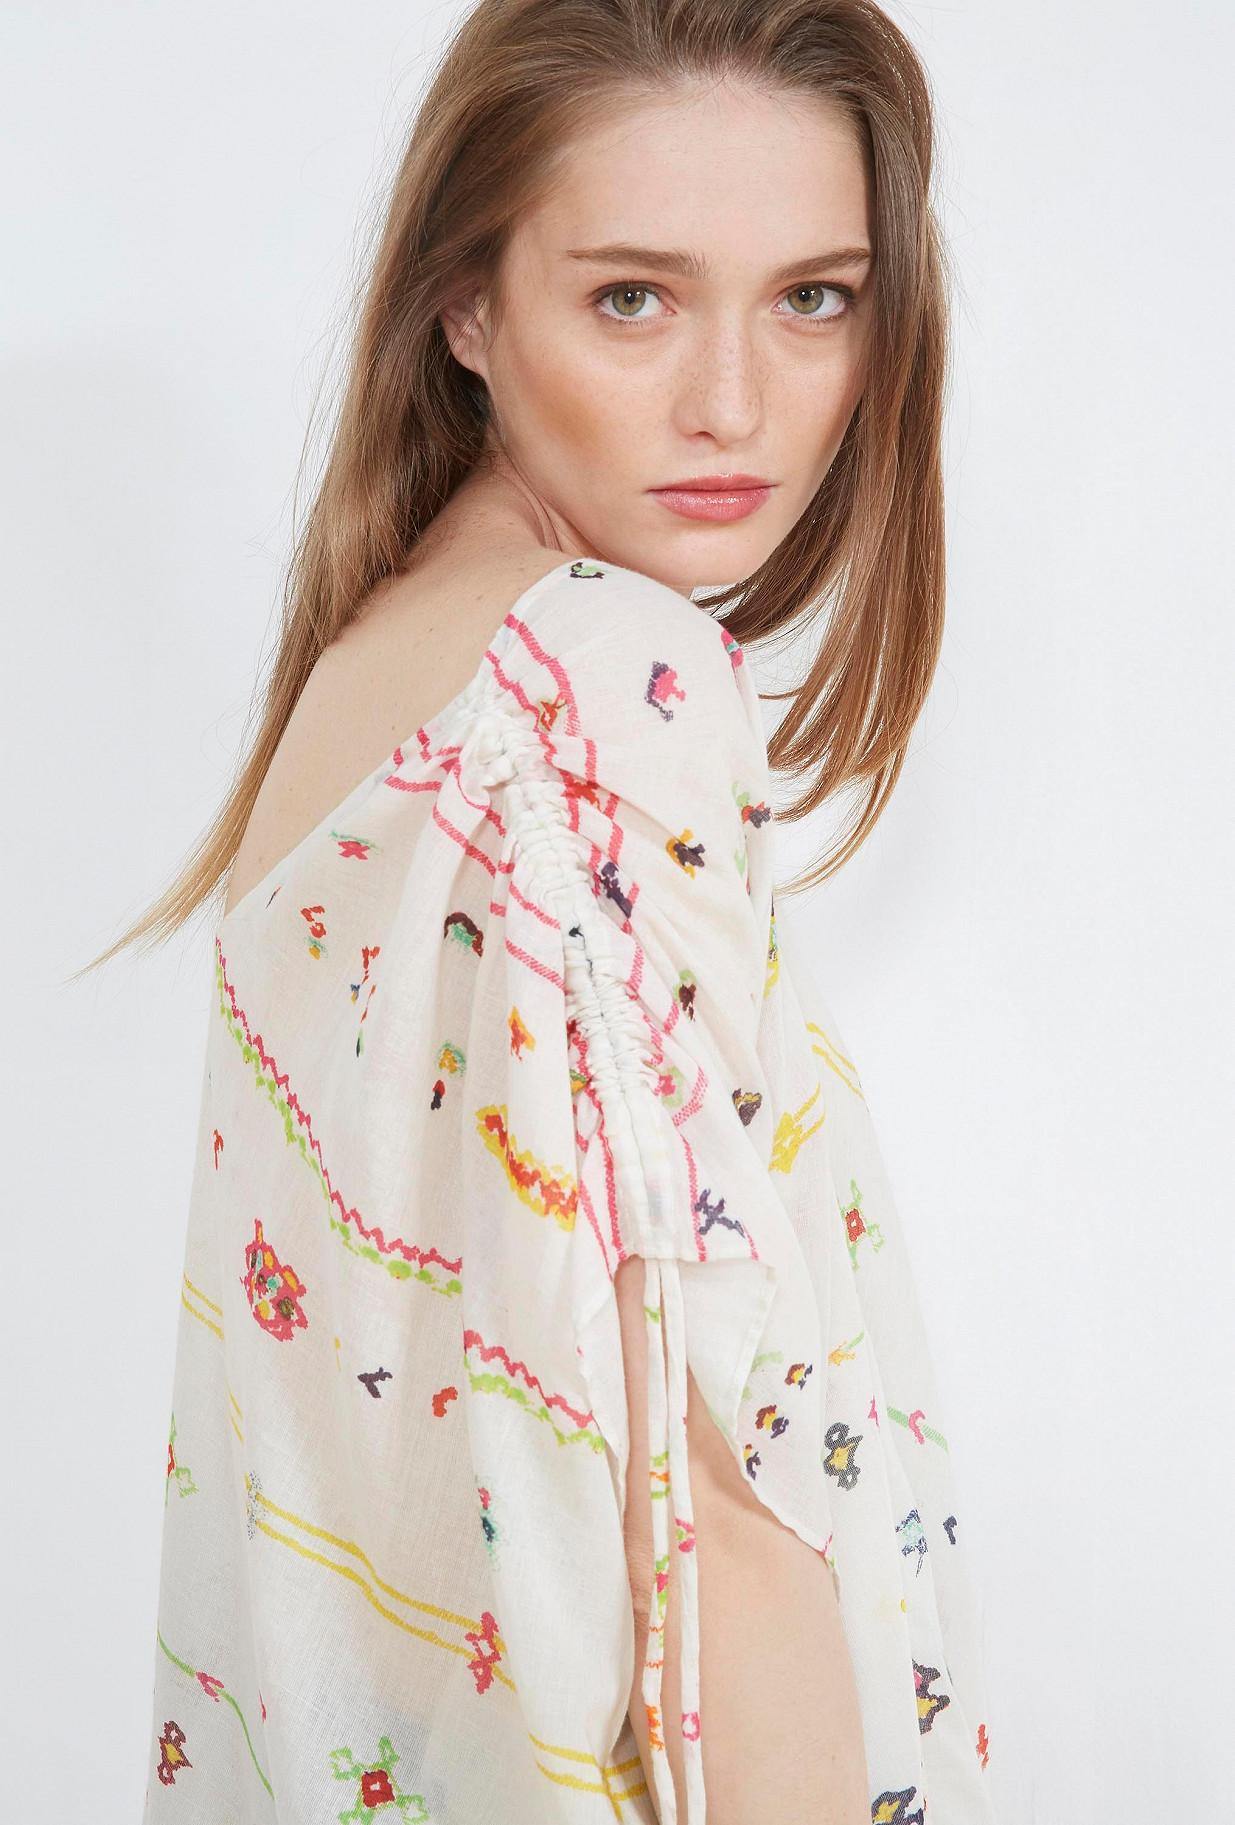 Floral print  PONCHO  Salah Mes demoiselles fashion clothes designer Paris